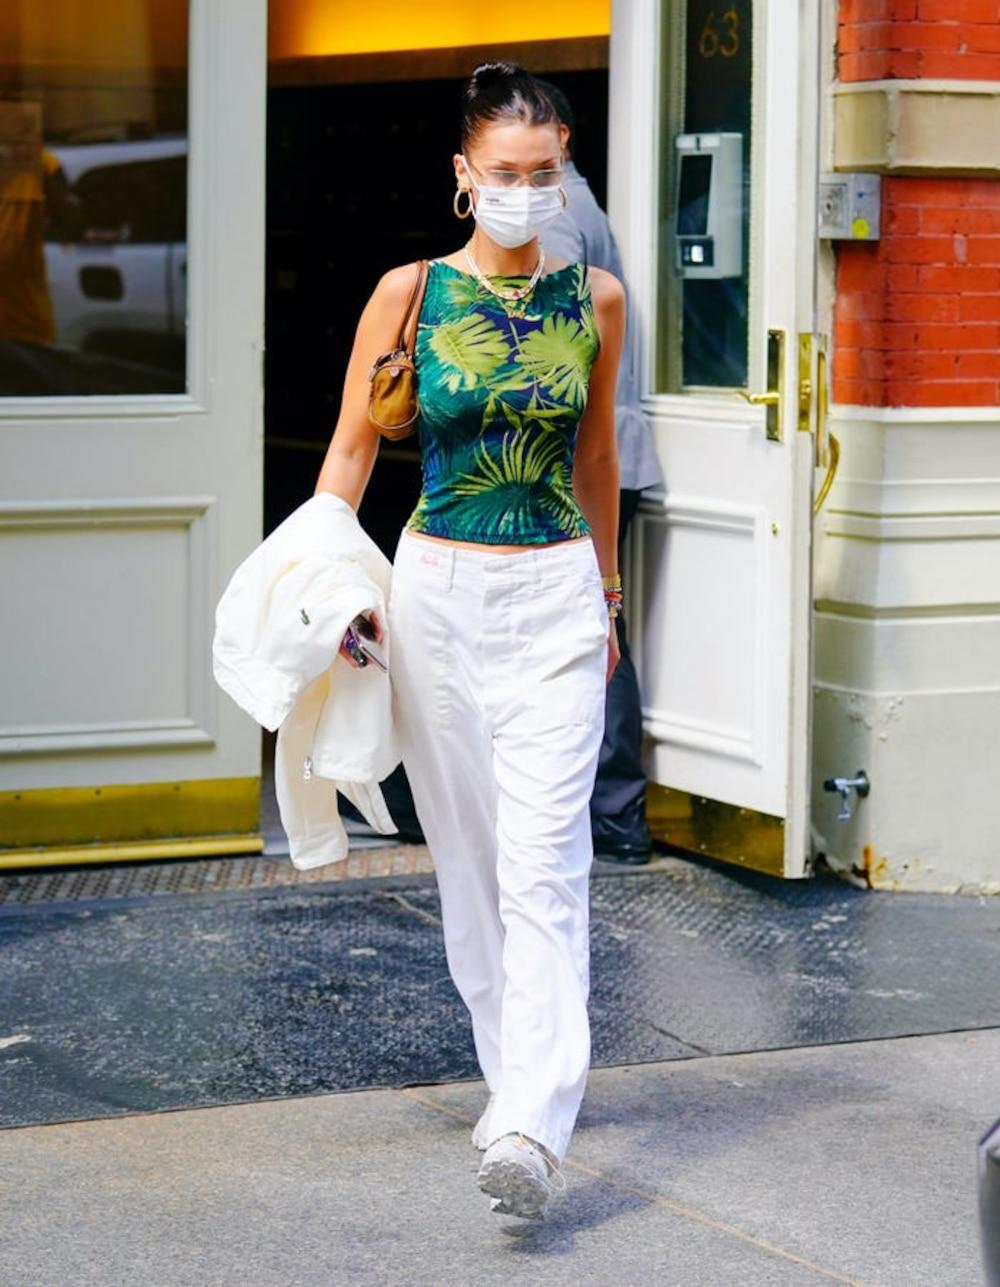 Năm 2019 là năm của những chiếc túi xách siêu nhỏ, nhưng vào năm 2020, sự phổ biến của những chiếc túi đeo vai nhỏ càng tăng lên mạnh mẽ. Xu hướng này lại trở nên nổi tiếng sau khi Fendi phát hành lại chiếc baguette và Prada mang đến túi mini nylon trị giá 775 USD (17,942,800 VNĐ).